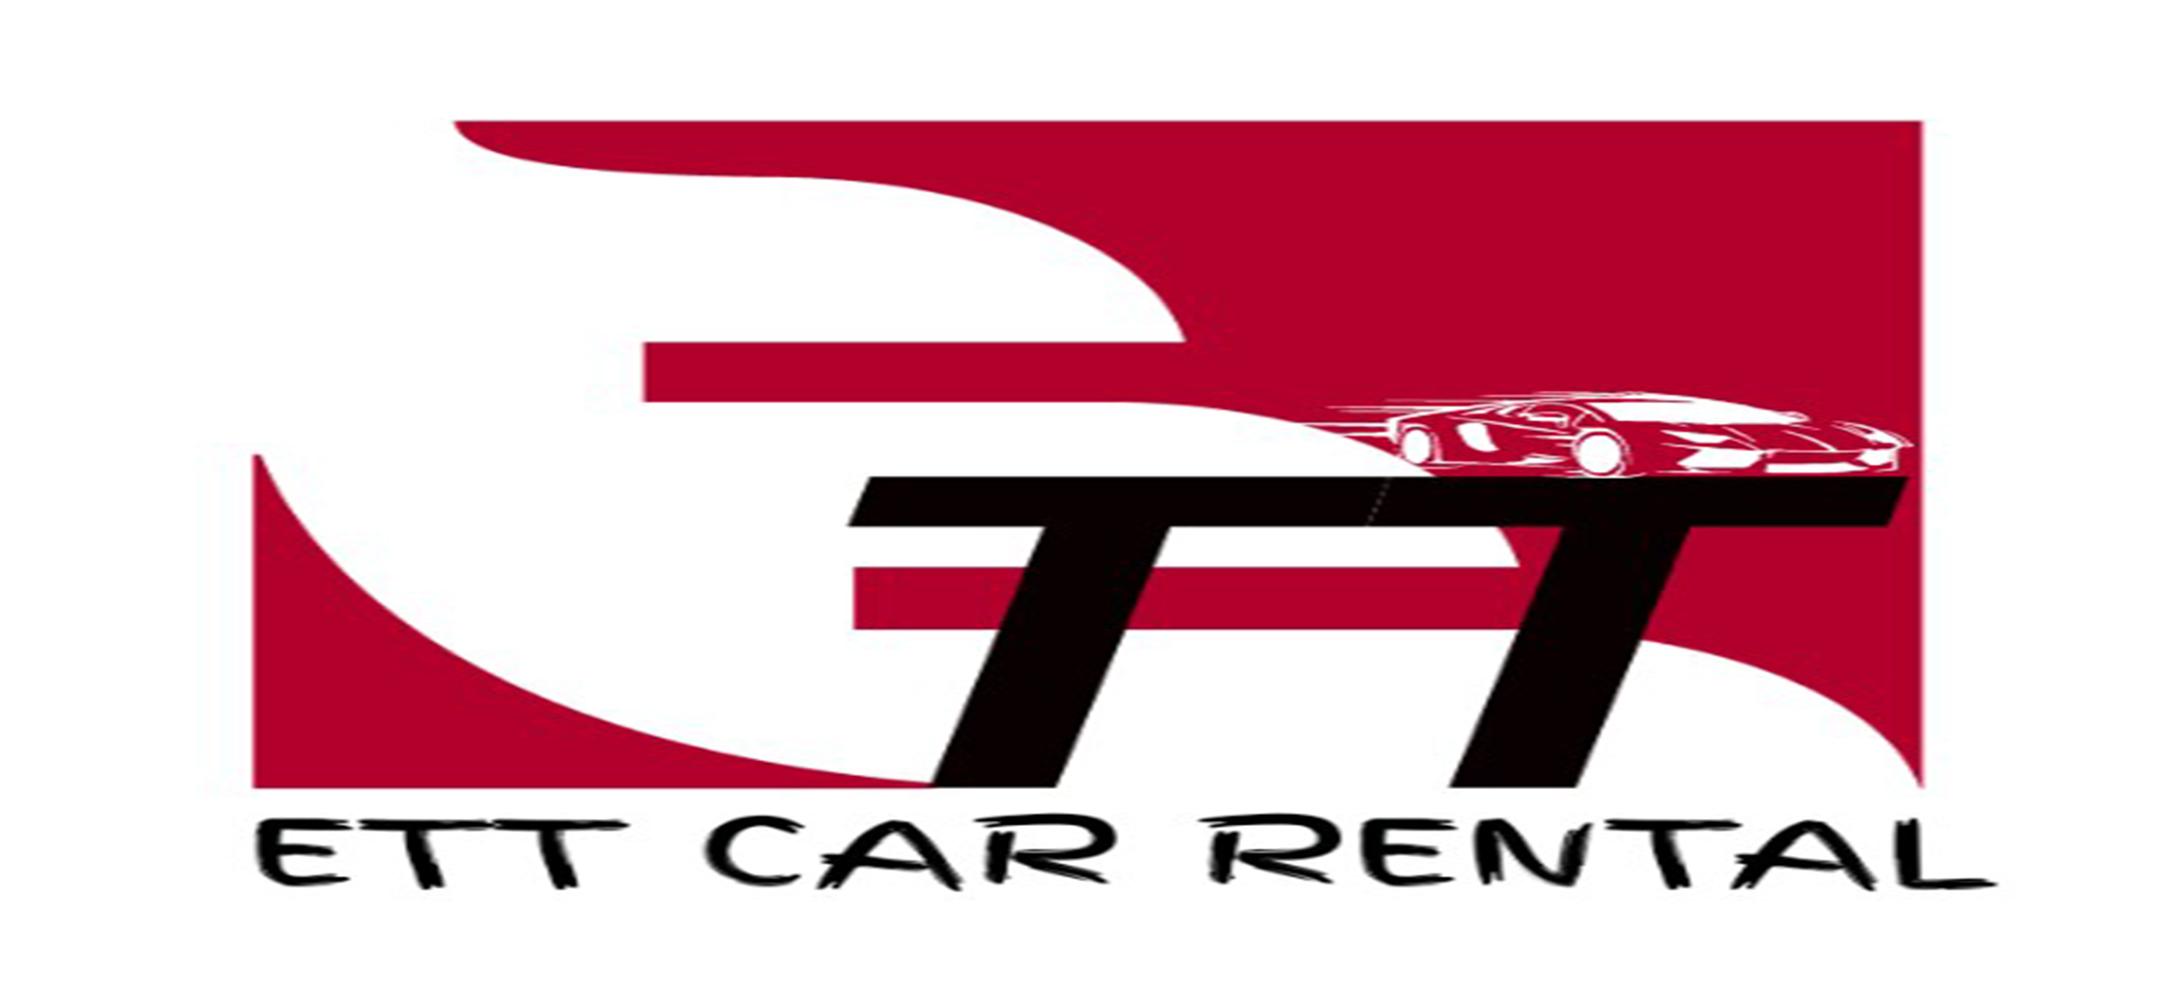 ETT CAR RENTAL